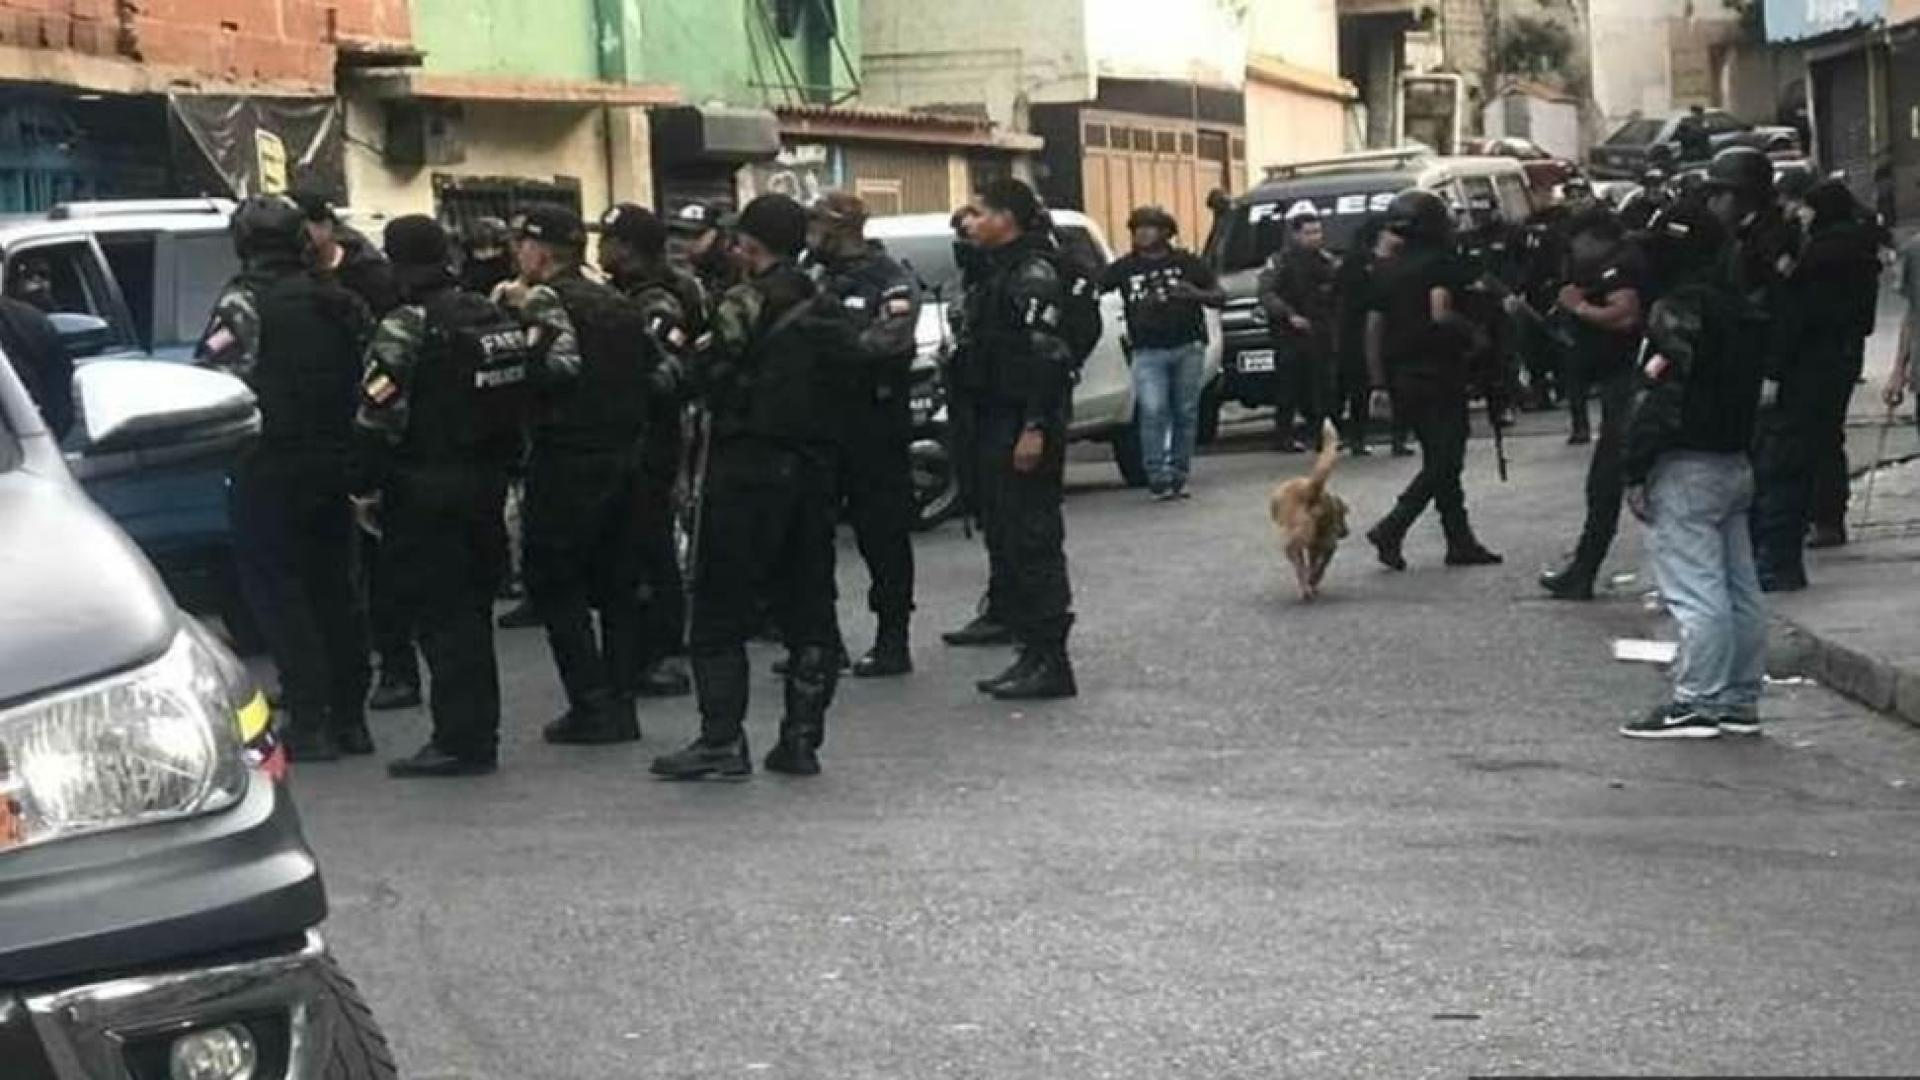 #MonitorDeVíctimas | Amplio operativo policial deja al menos 8 muertos en un barrio de Petare